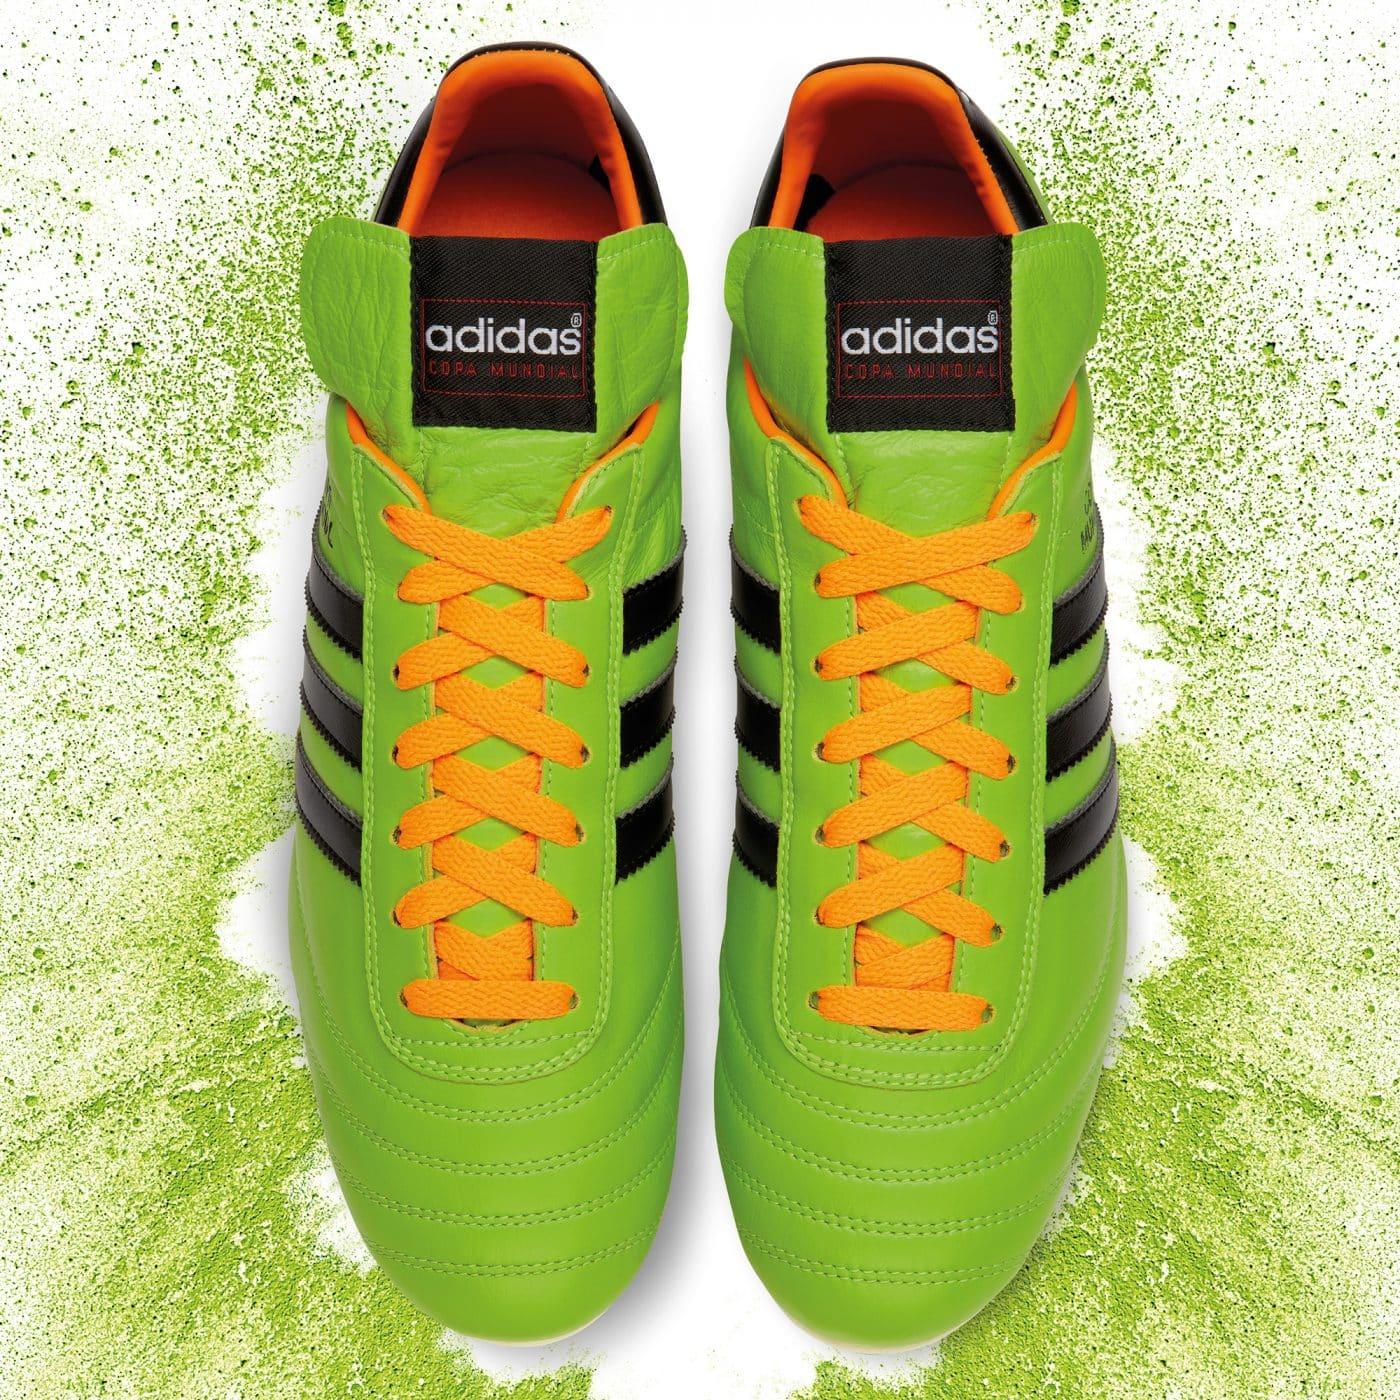 adidas-copa-mundial-samba-pack-vert